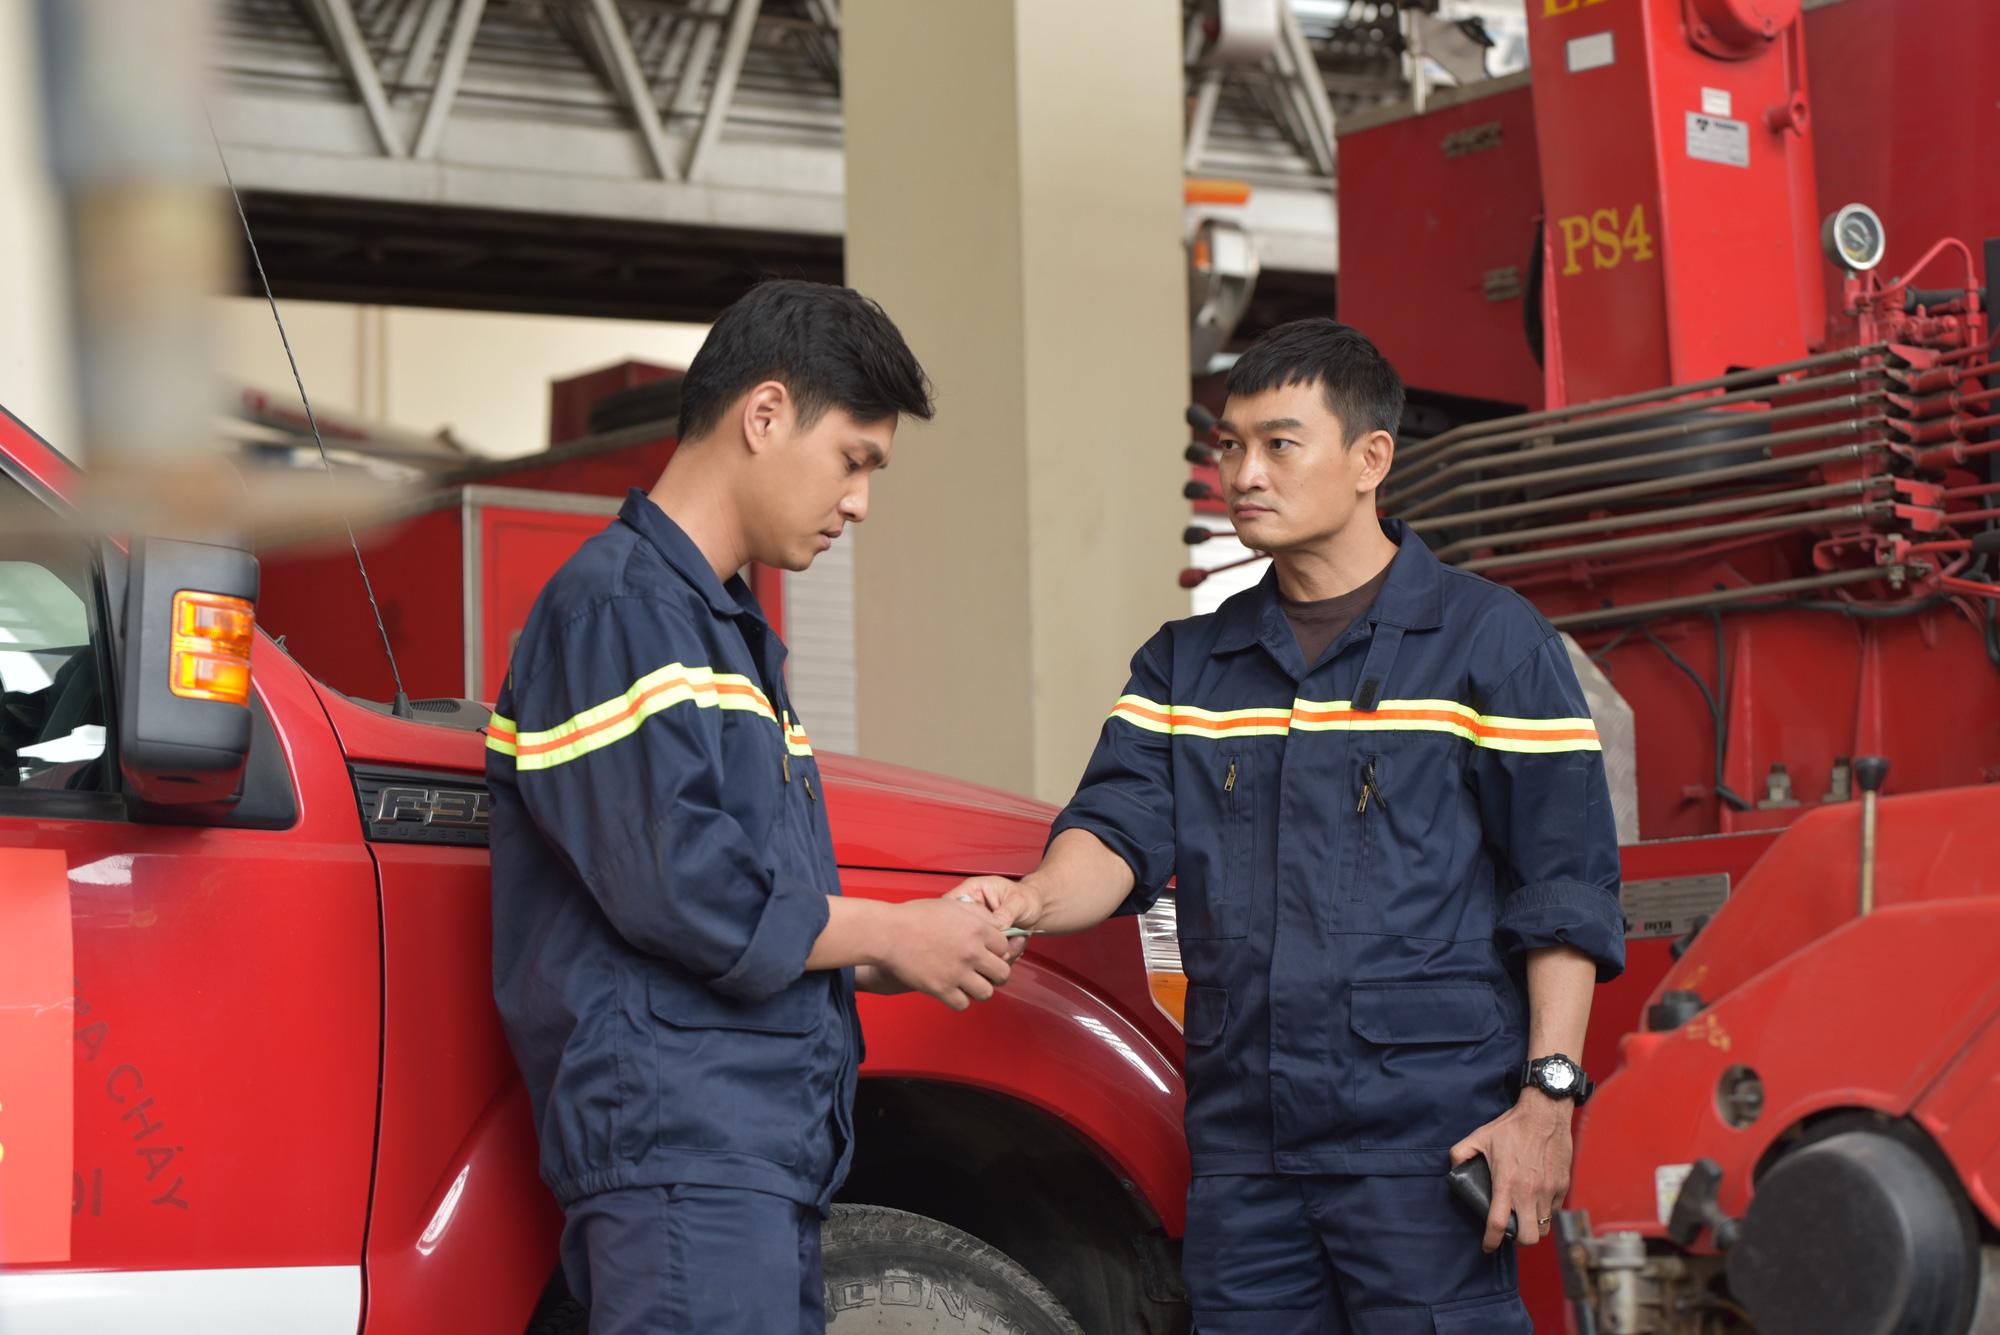 Phim mới Lửa ấm: Loạt câu chuyện về lính cứu hỏa lần đầu lên sóng - Ảnh 3.